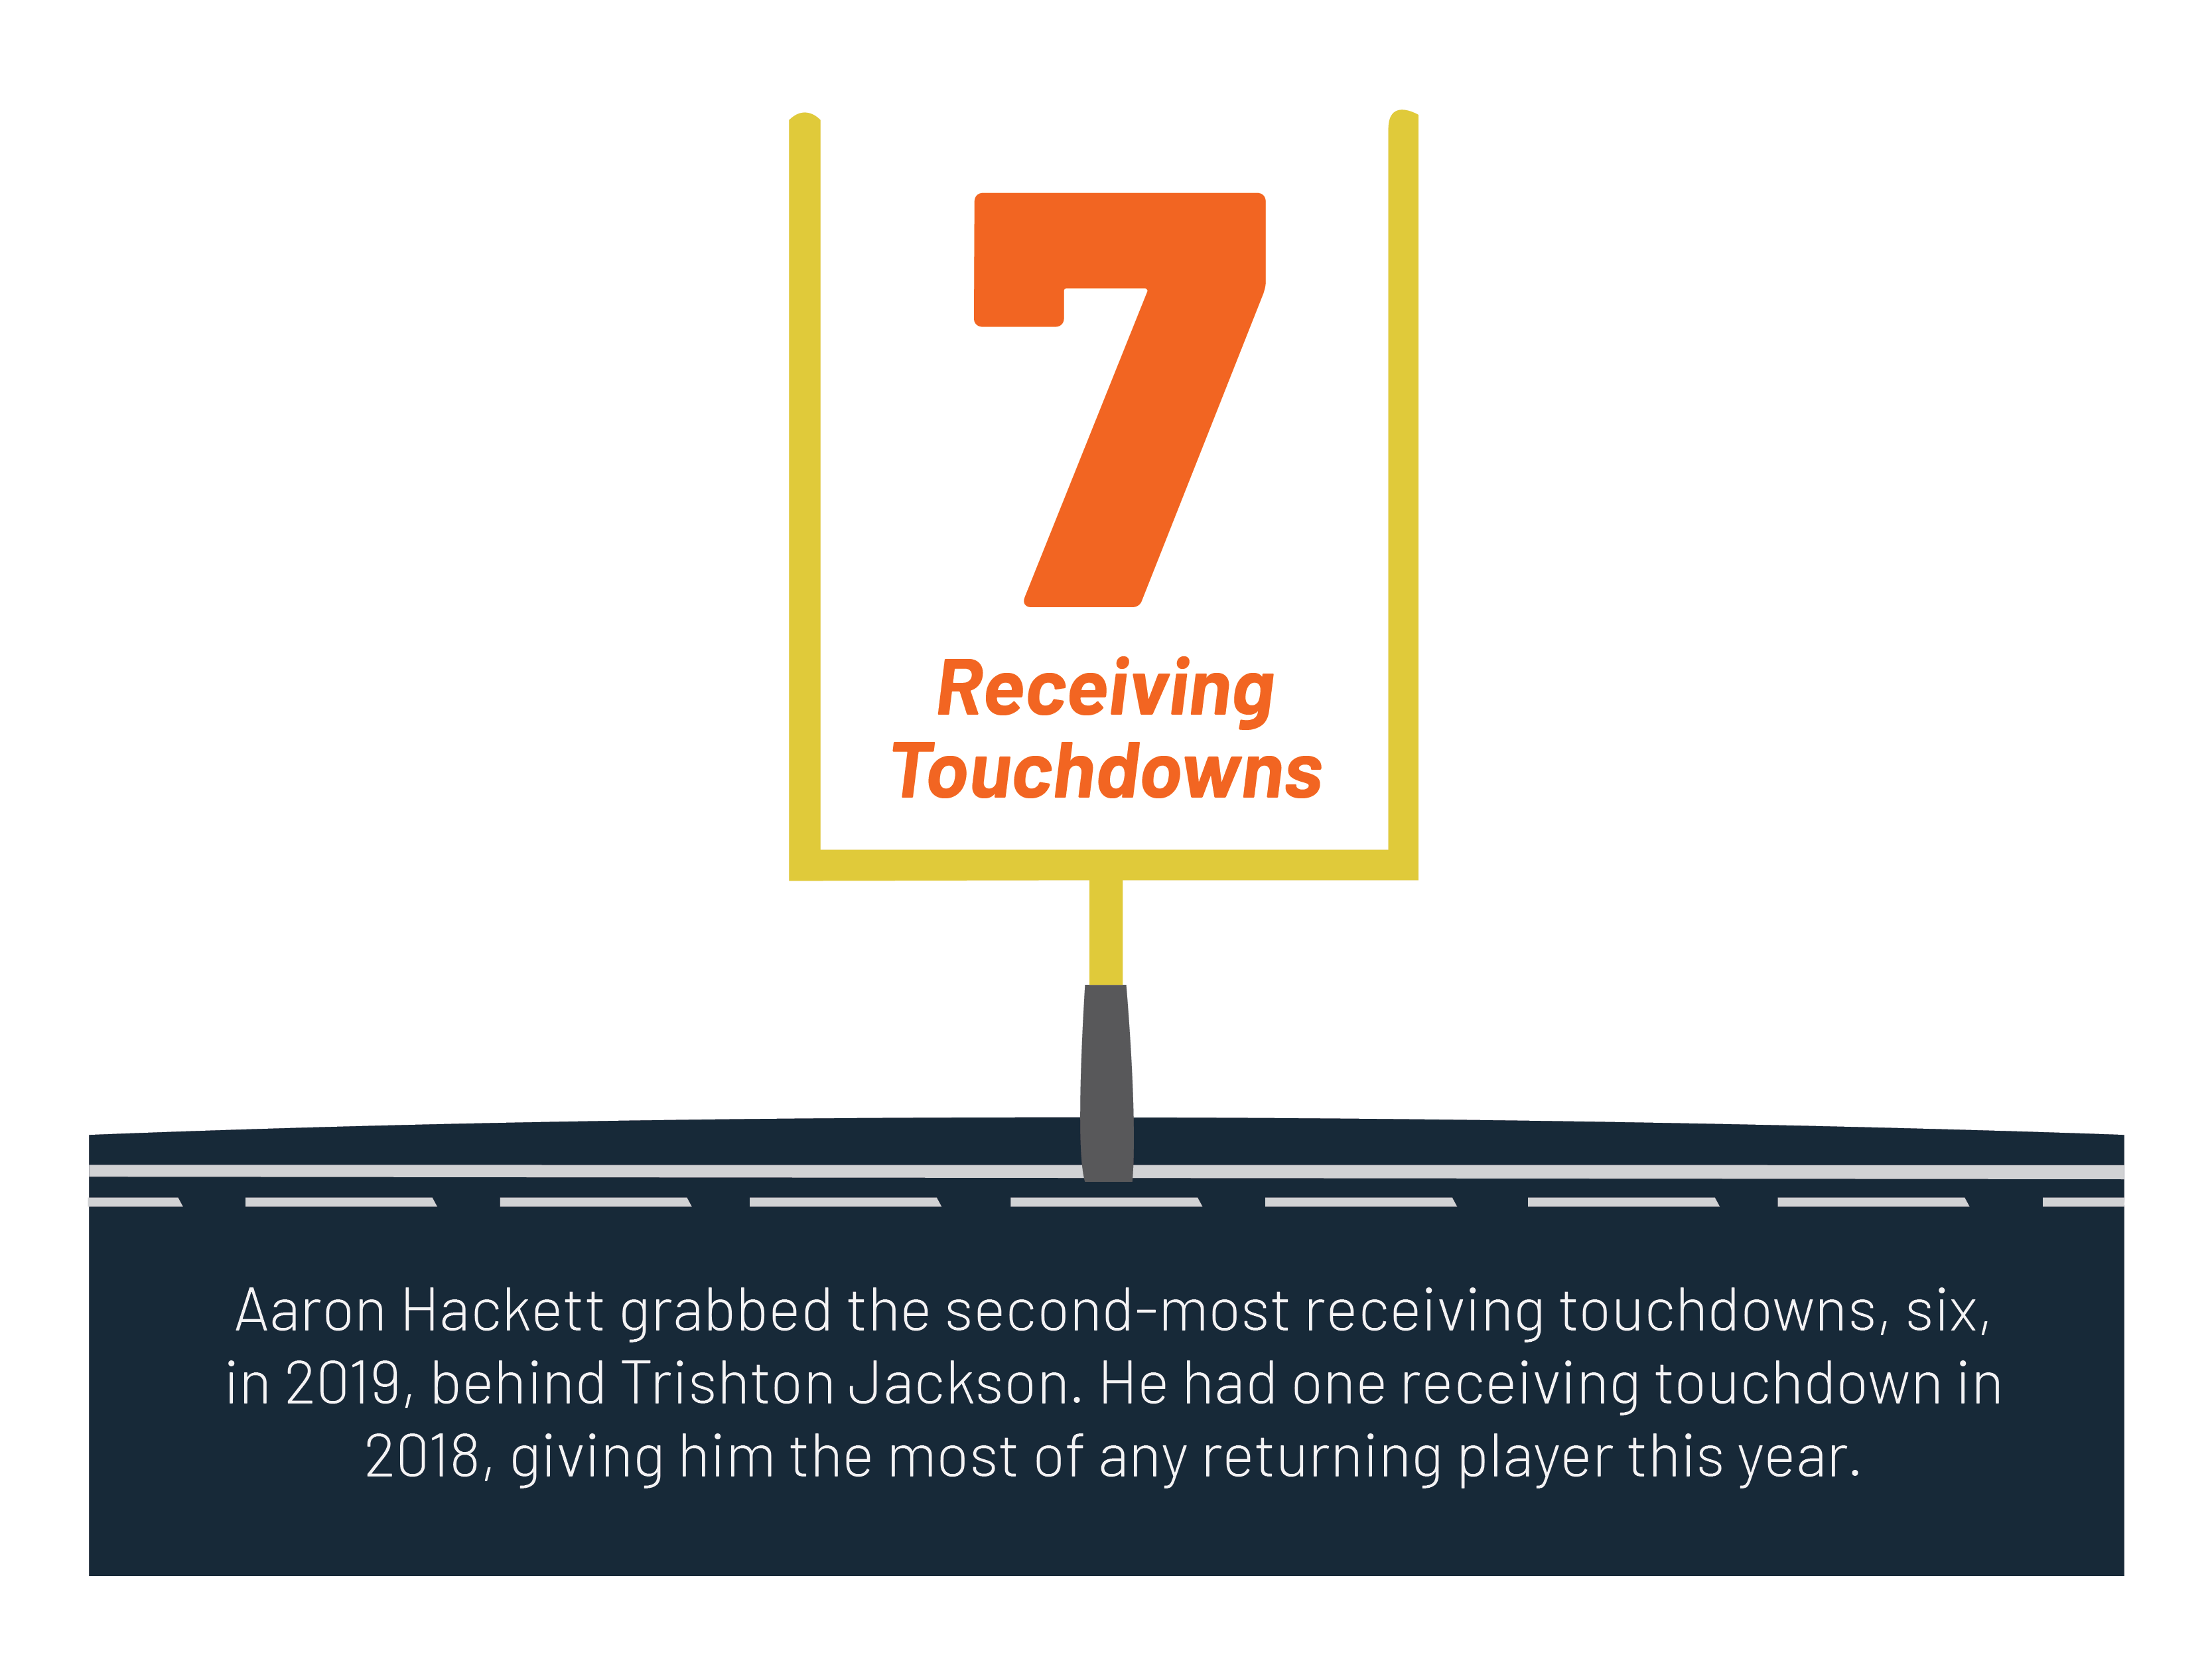 Aaron Hackett's seven touchdowns.